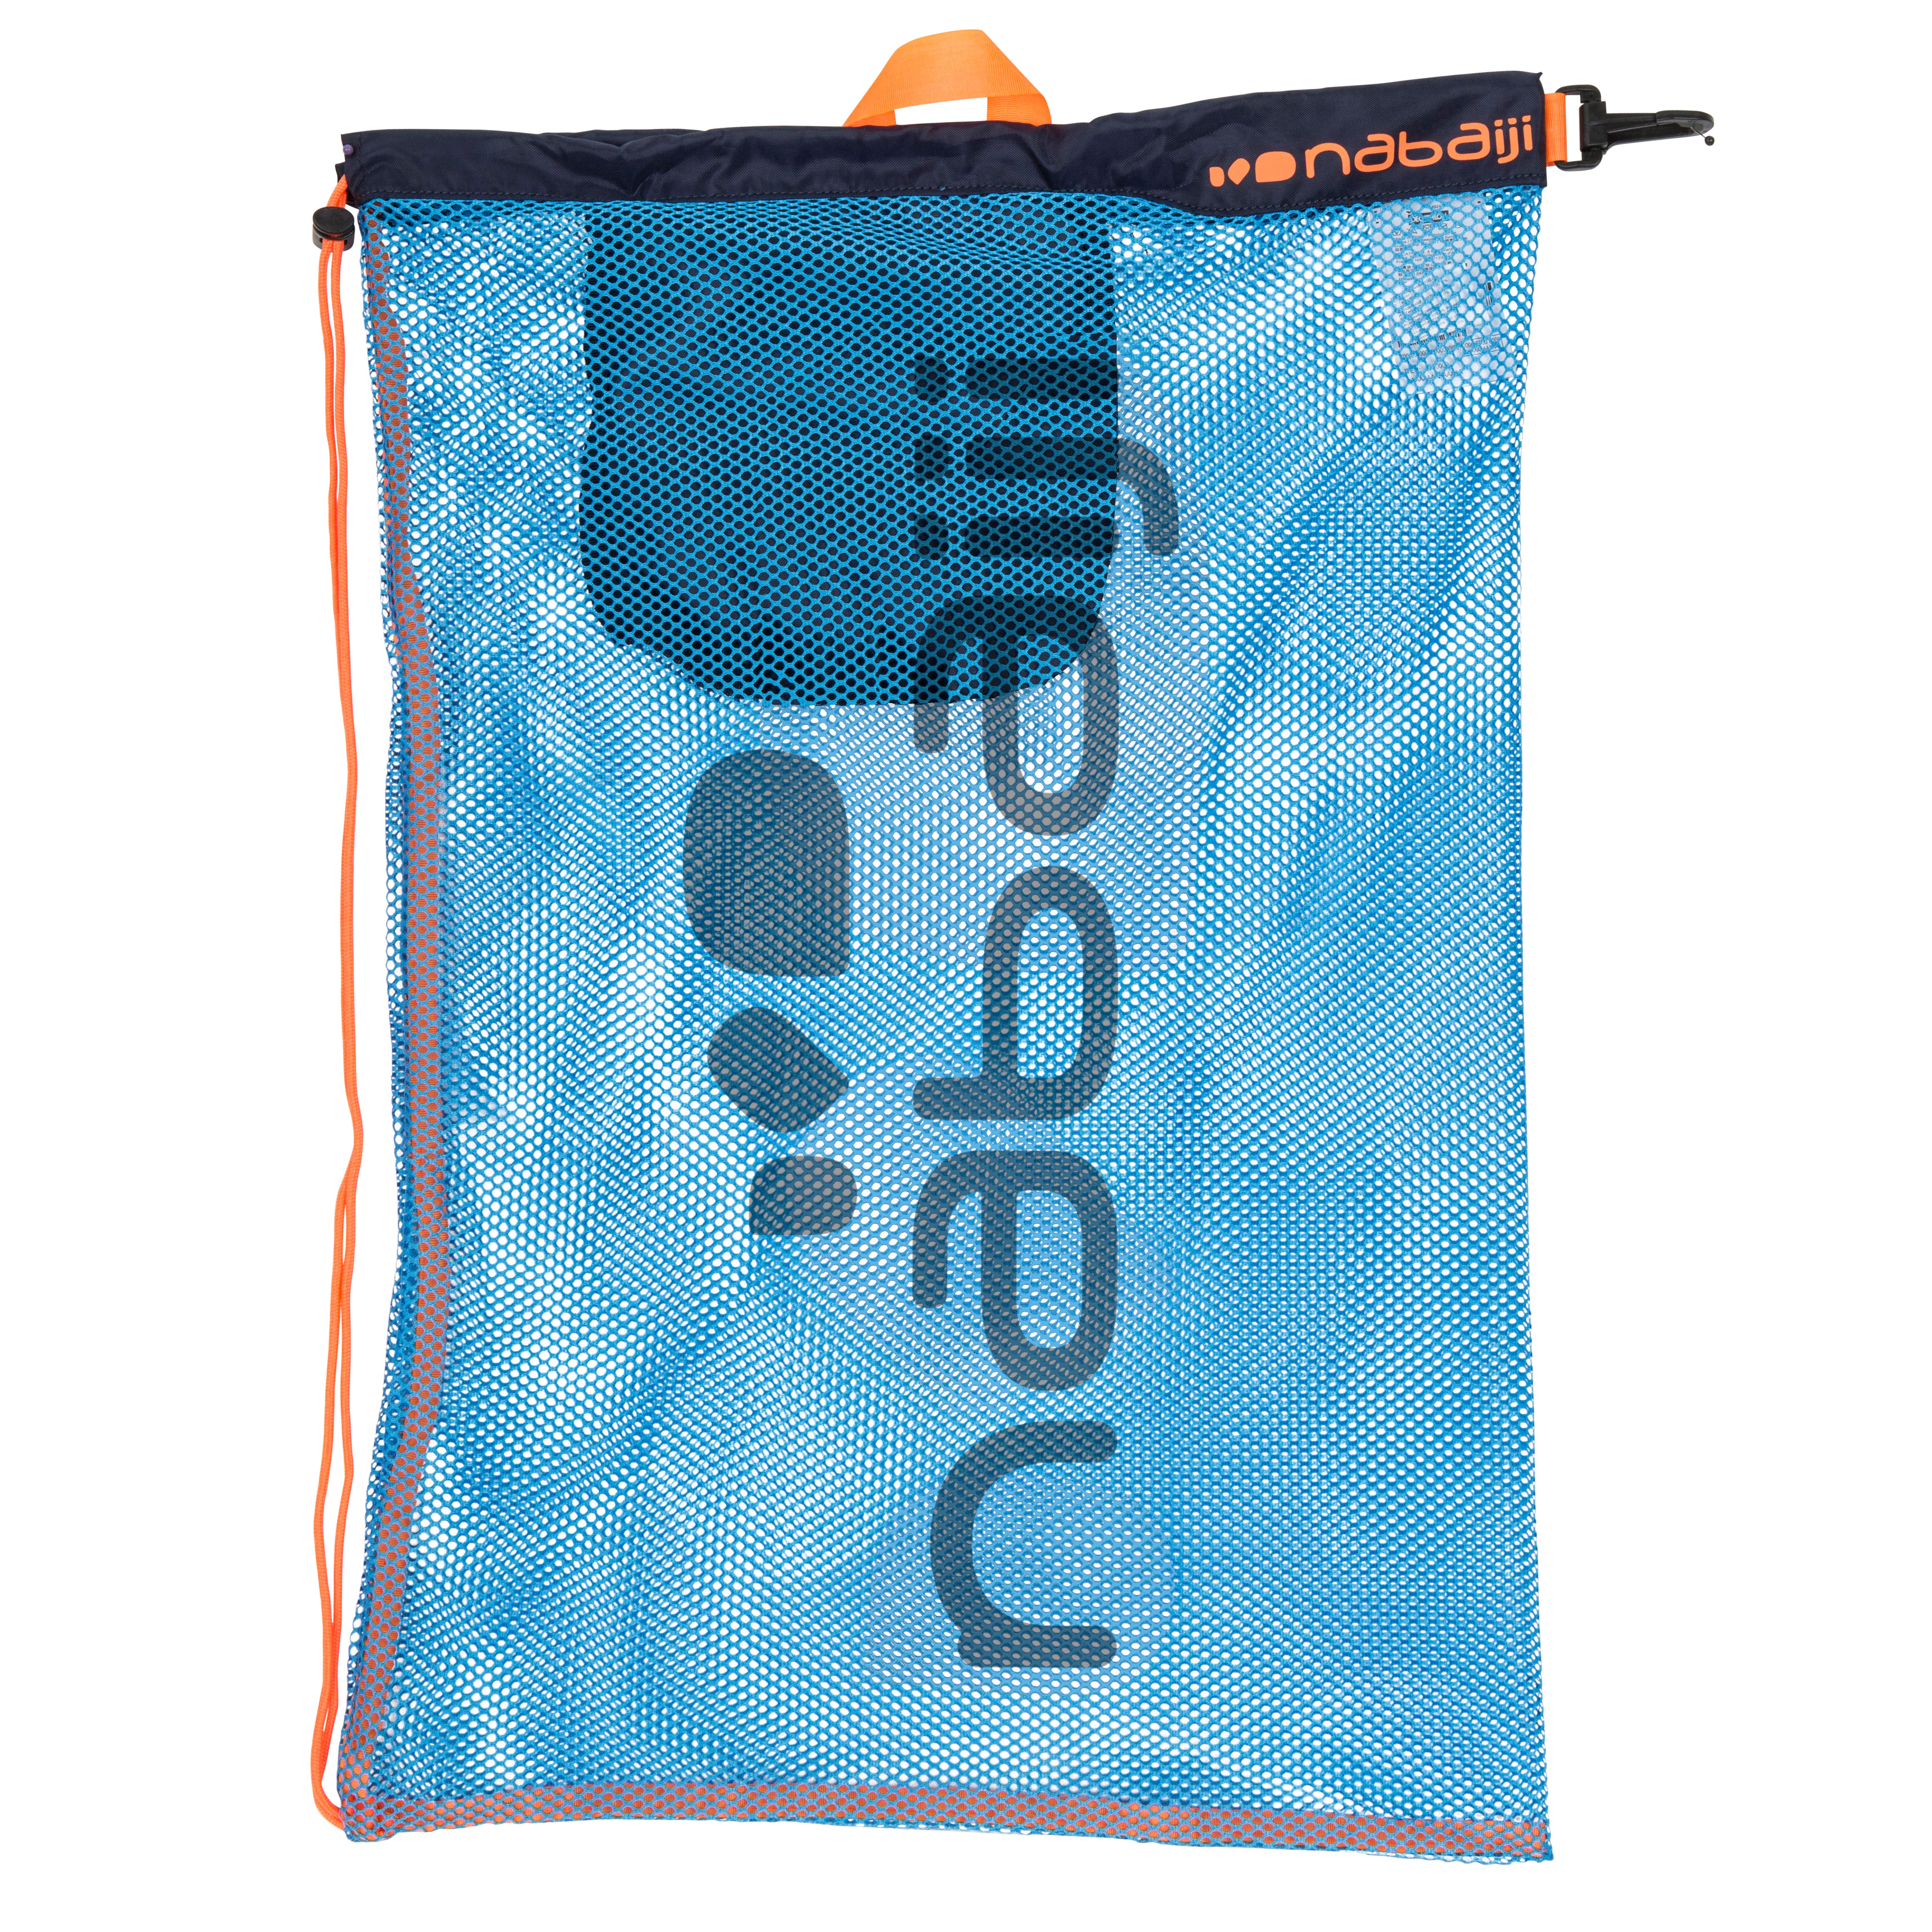 Nabaiji Large Mesh Pool Bag - Blue Orange